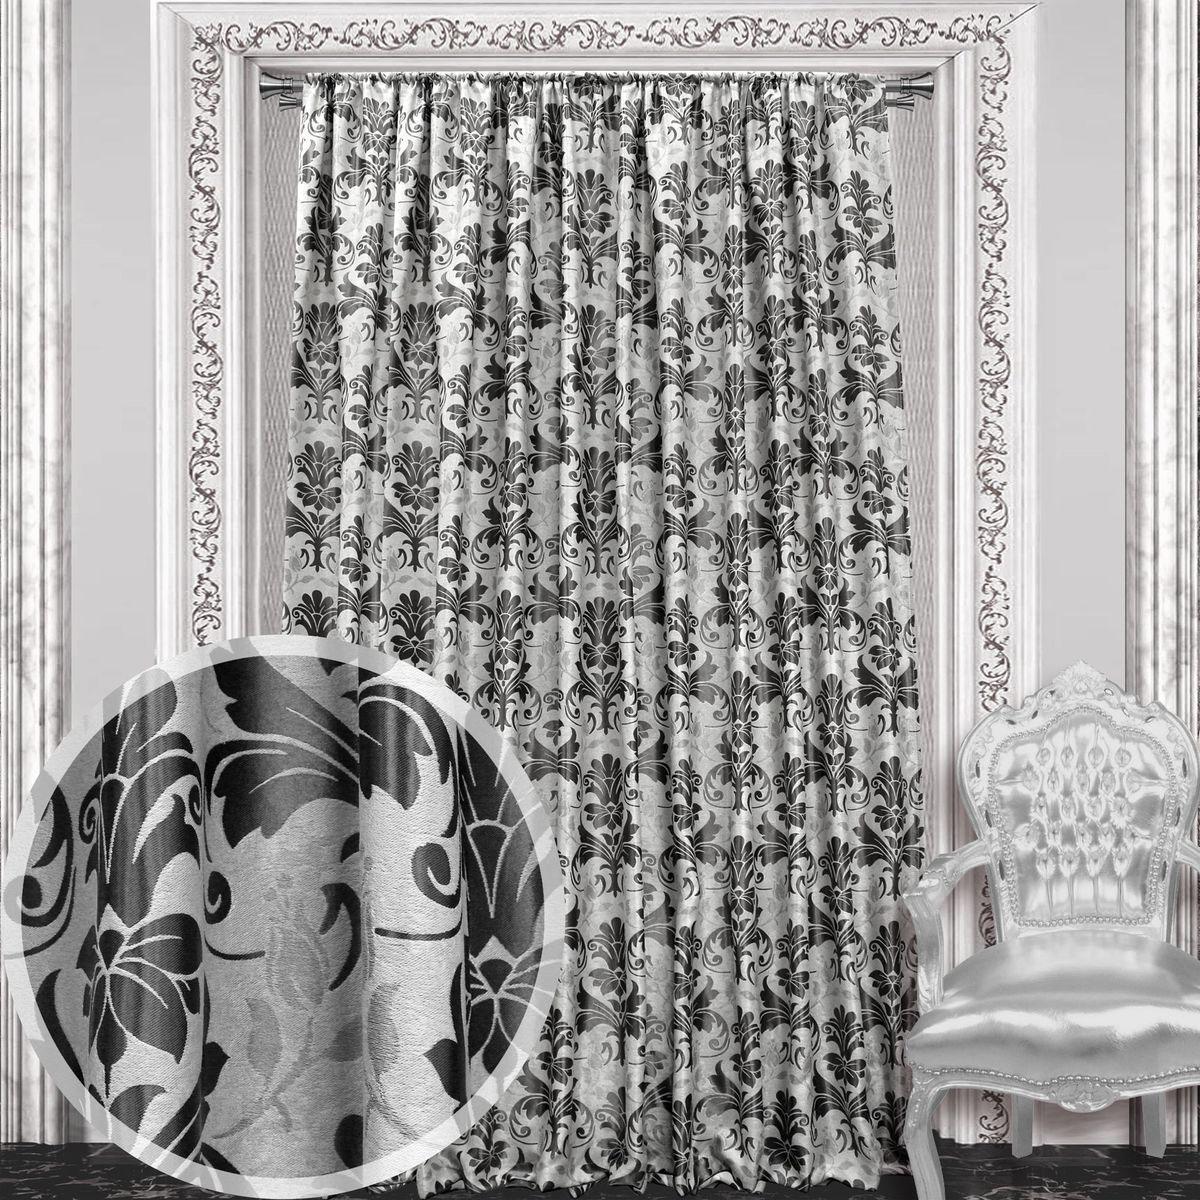 Штора Amore Mio, на ленте, цвет: черный, высота 270 см. 8604886048Штора Amore Mio с роскошным рисунком изготовлена из 100% полиэстера. Полиэстер - вид ткани, состоящий из полиэфирных волокон. Ткани из полиэстера легкие, прочные и износостойкие. Такие изделия не требуют специального ухода, не пылятся и почти не мнутся.Крепление к карнизу осуществляется при помощи вшитой шторной ленты.